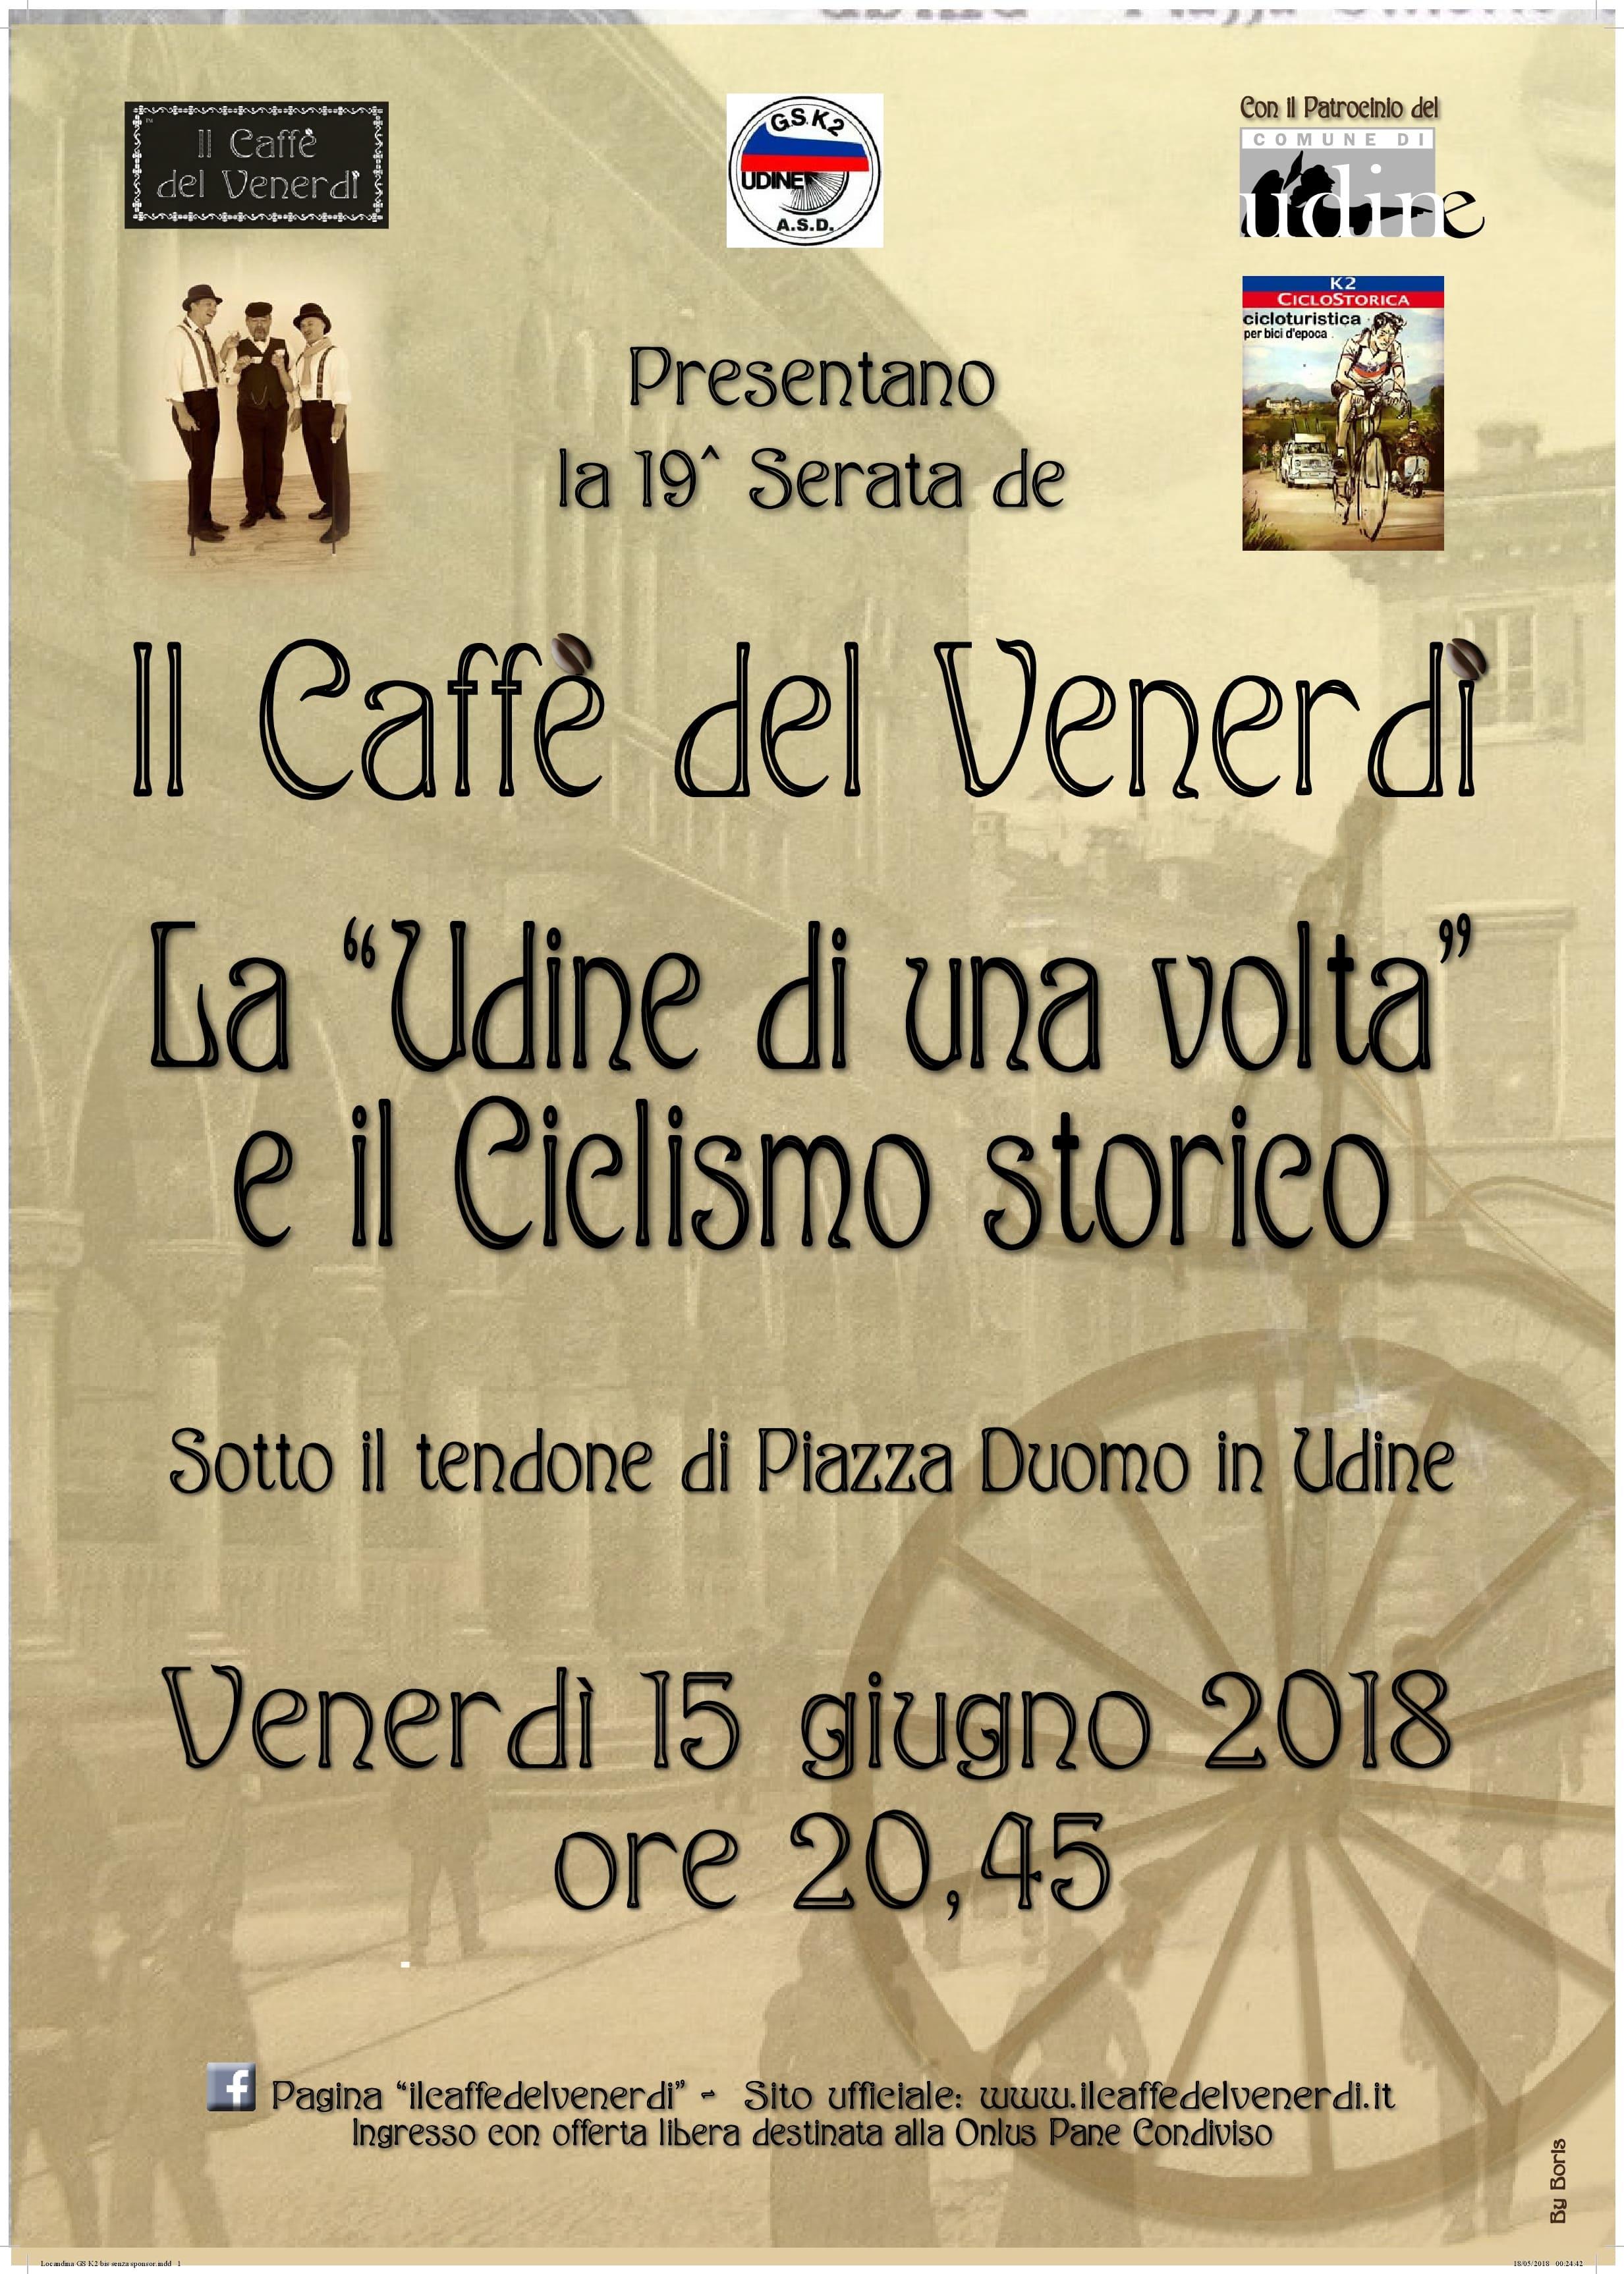 """locandina de """"la Udine di una volta"""" e il Ciclismo storico"""